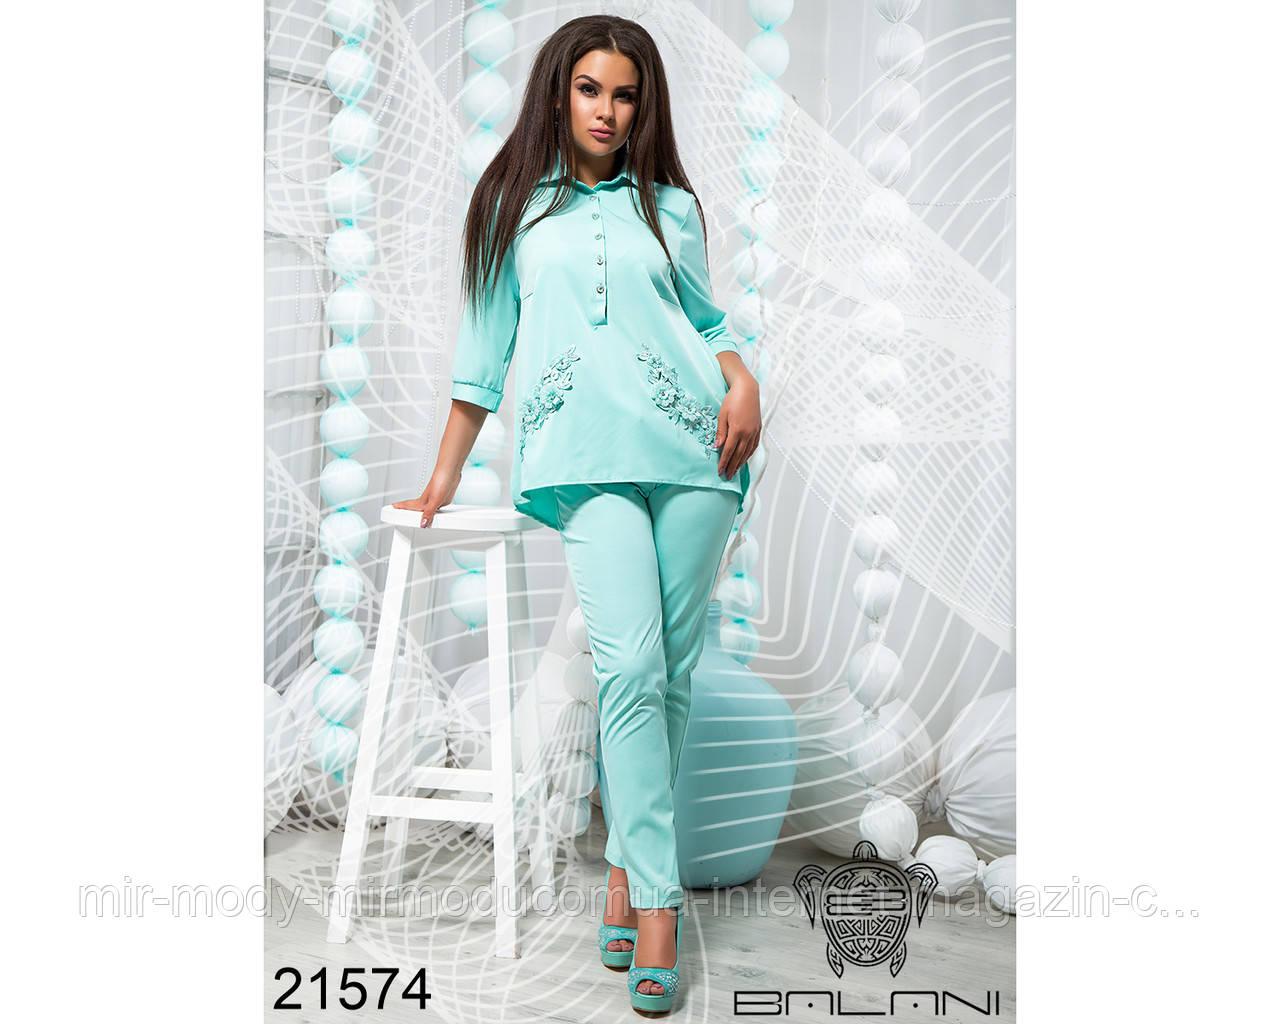 Шикарный брючный костюм - 21574 с  48 по 54 размер